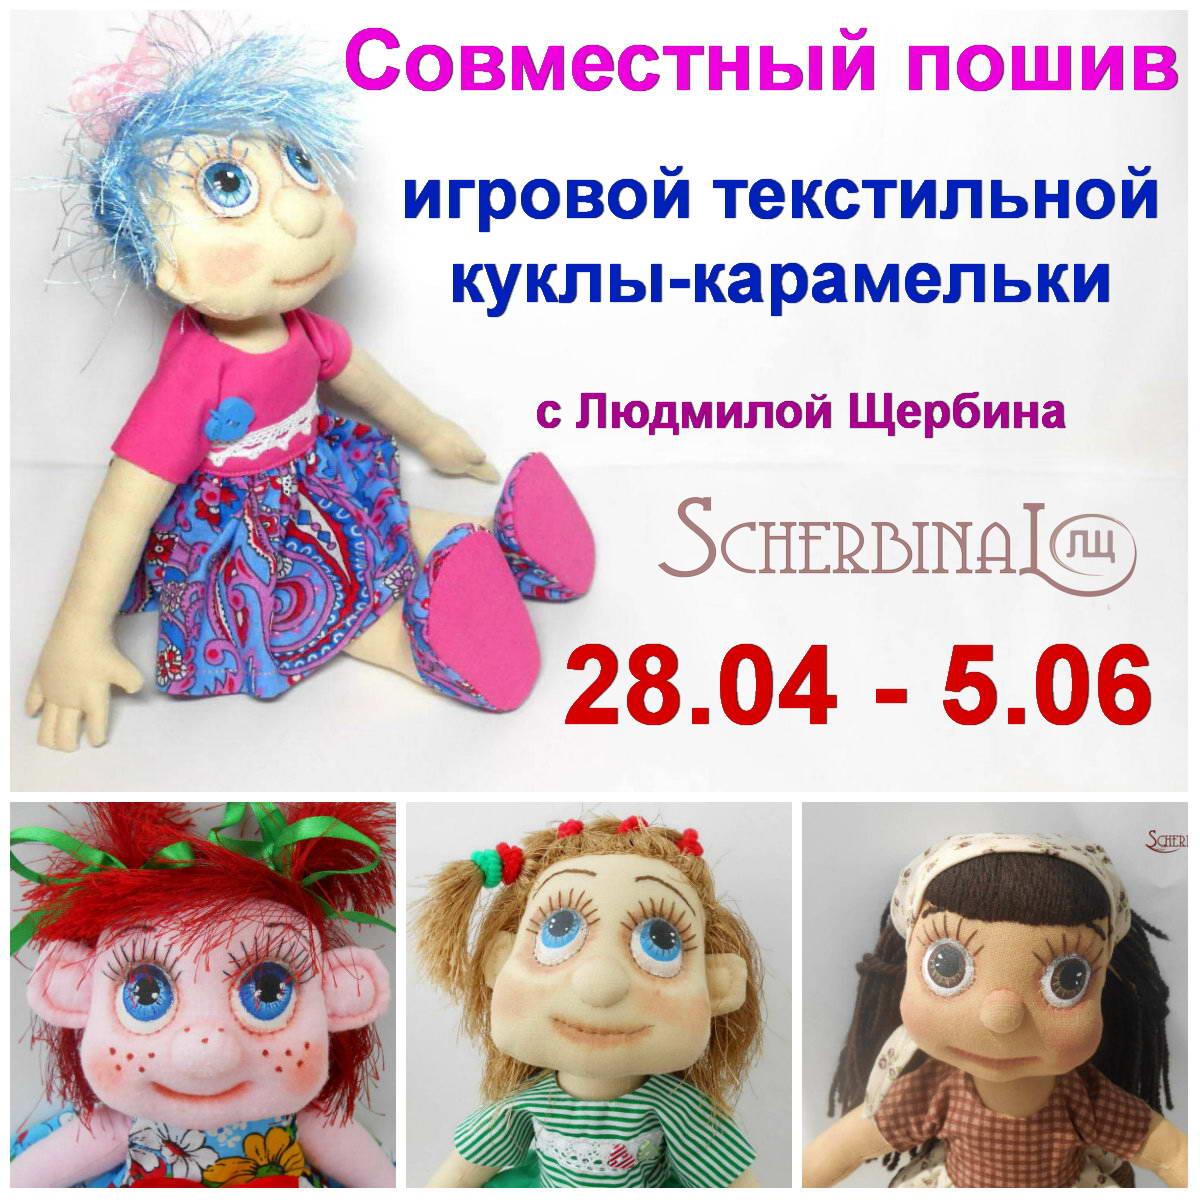 http://www.scherbinal.ru/2014/03/sovmestnyi-poschiv-kukly-karamelki.html?showComment=1398234882169#c6066769514369732665